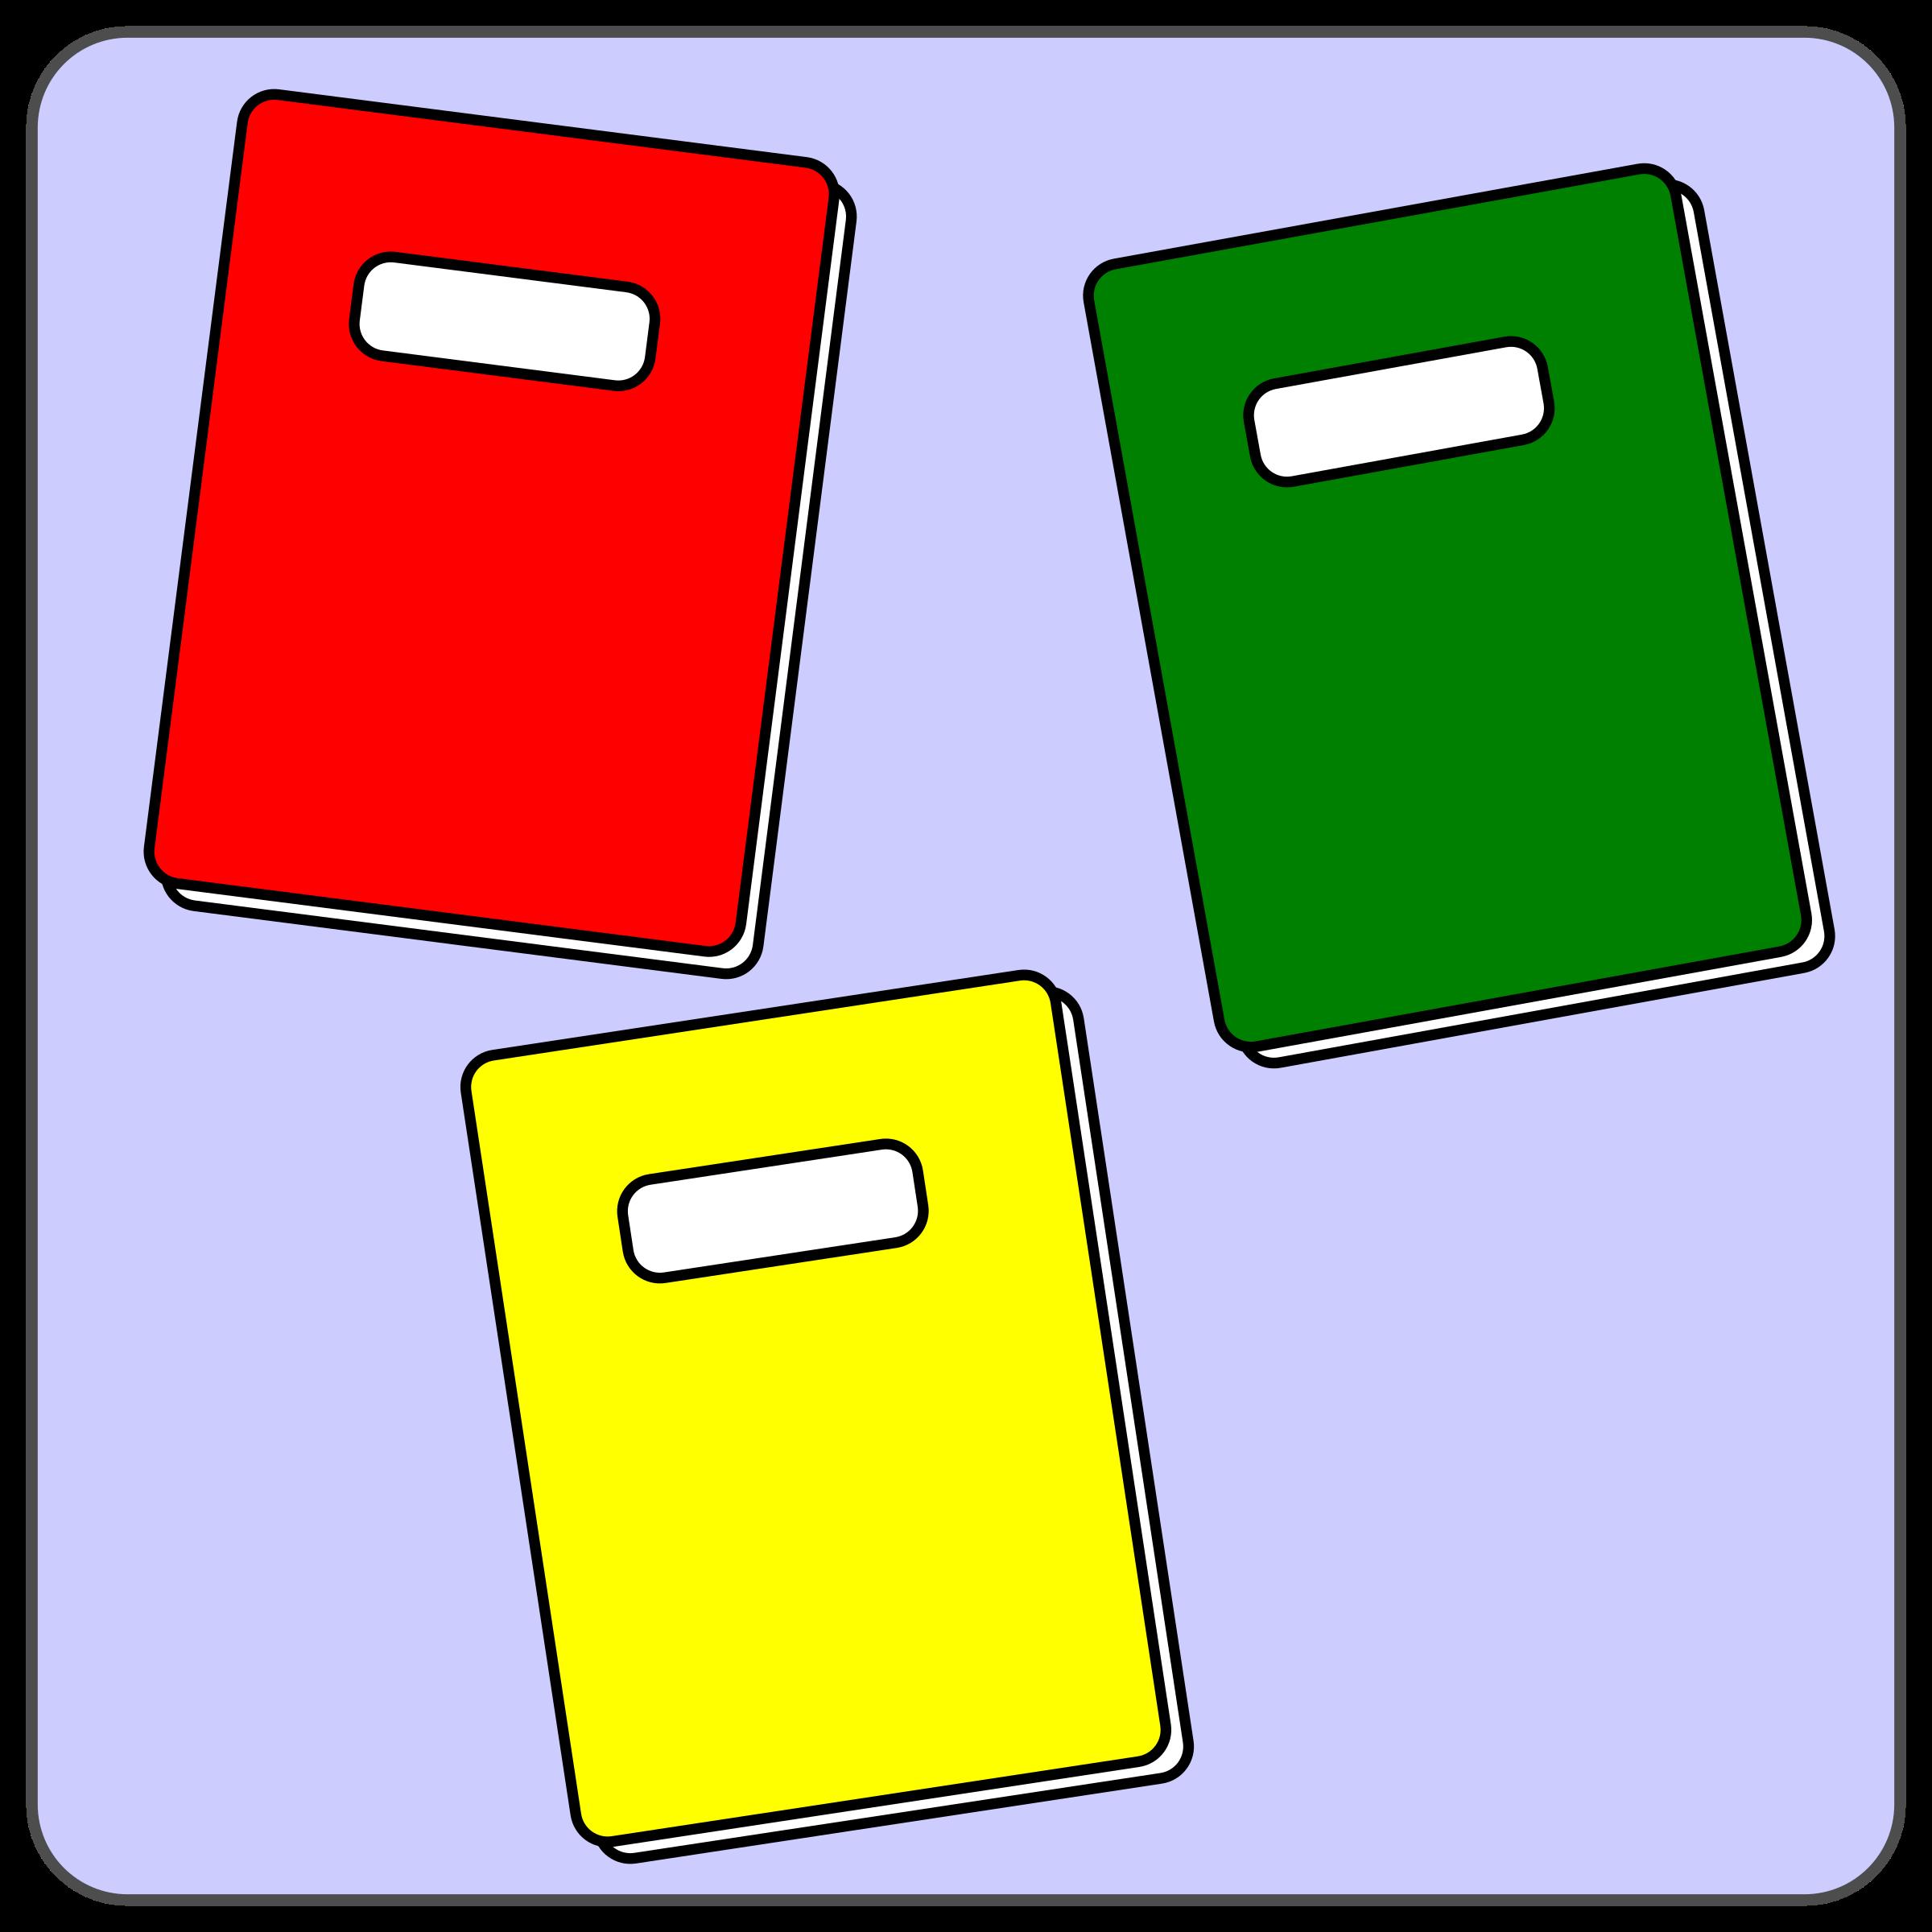 Homework clipart workbook Download Workbook Free Clip Clip